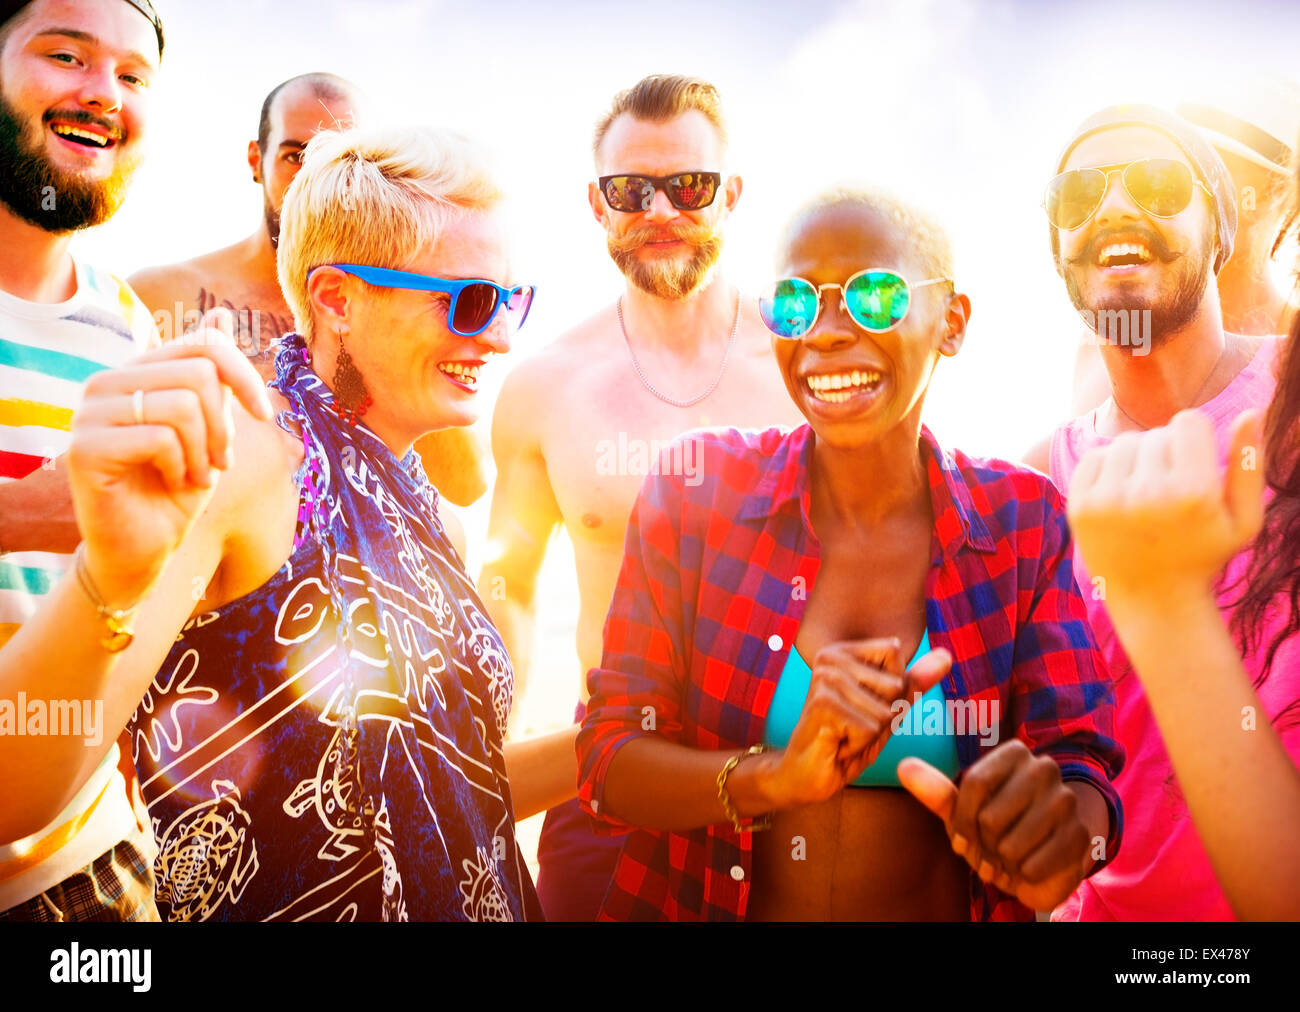 Freunde Sommer Beach Party Festival-Konzept Stockbild